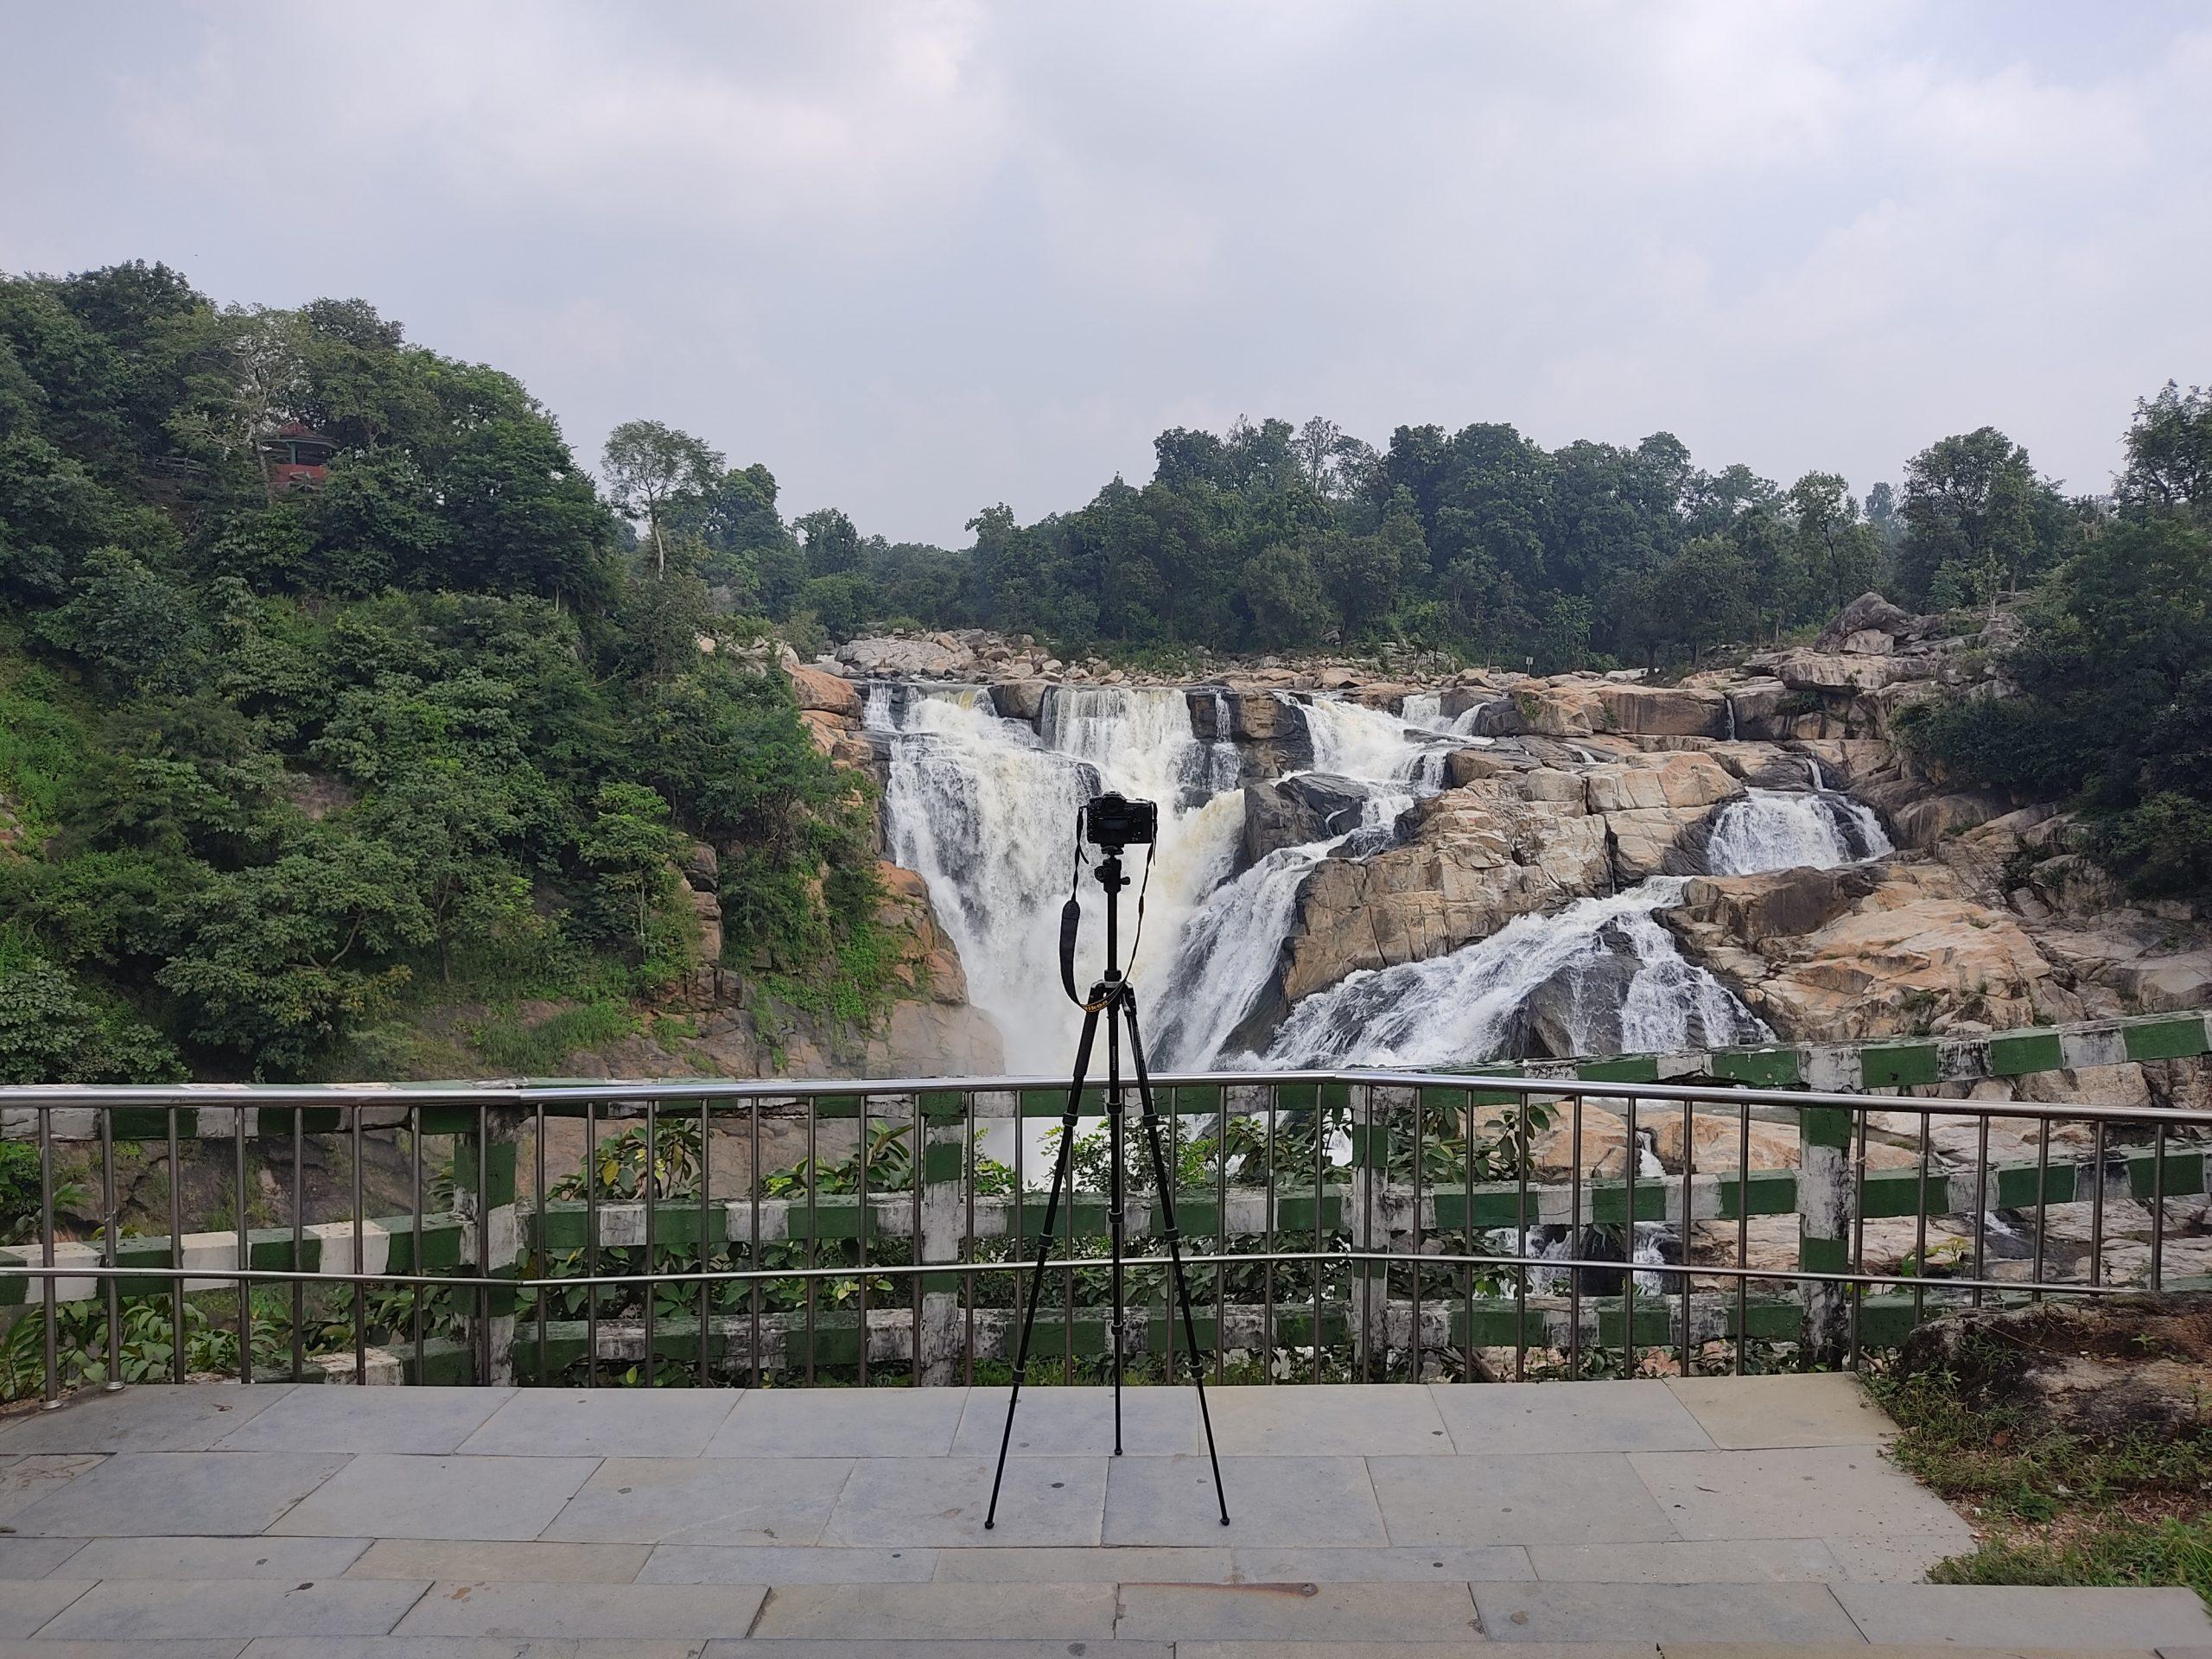 Camera tripod and waterfall